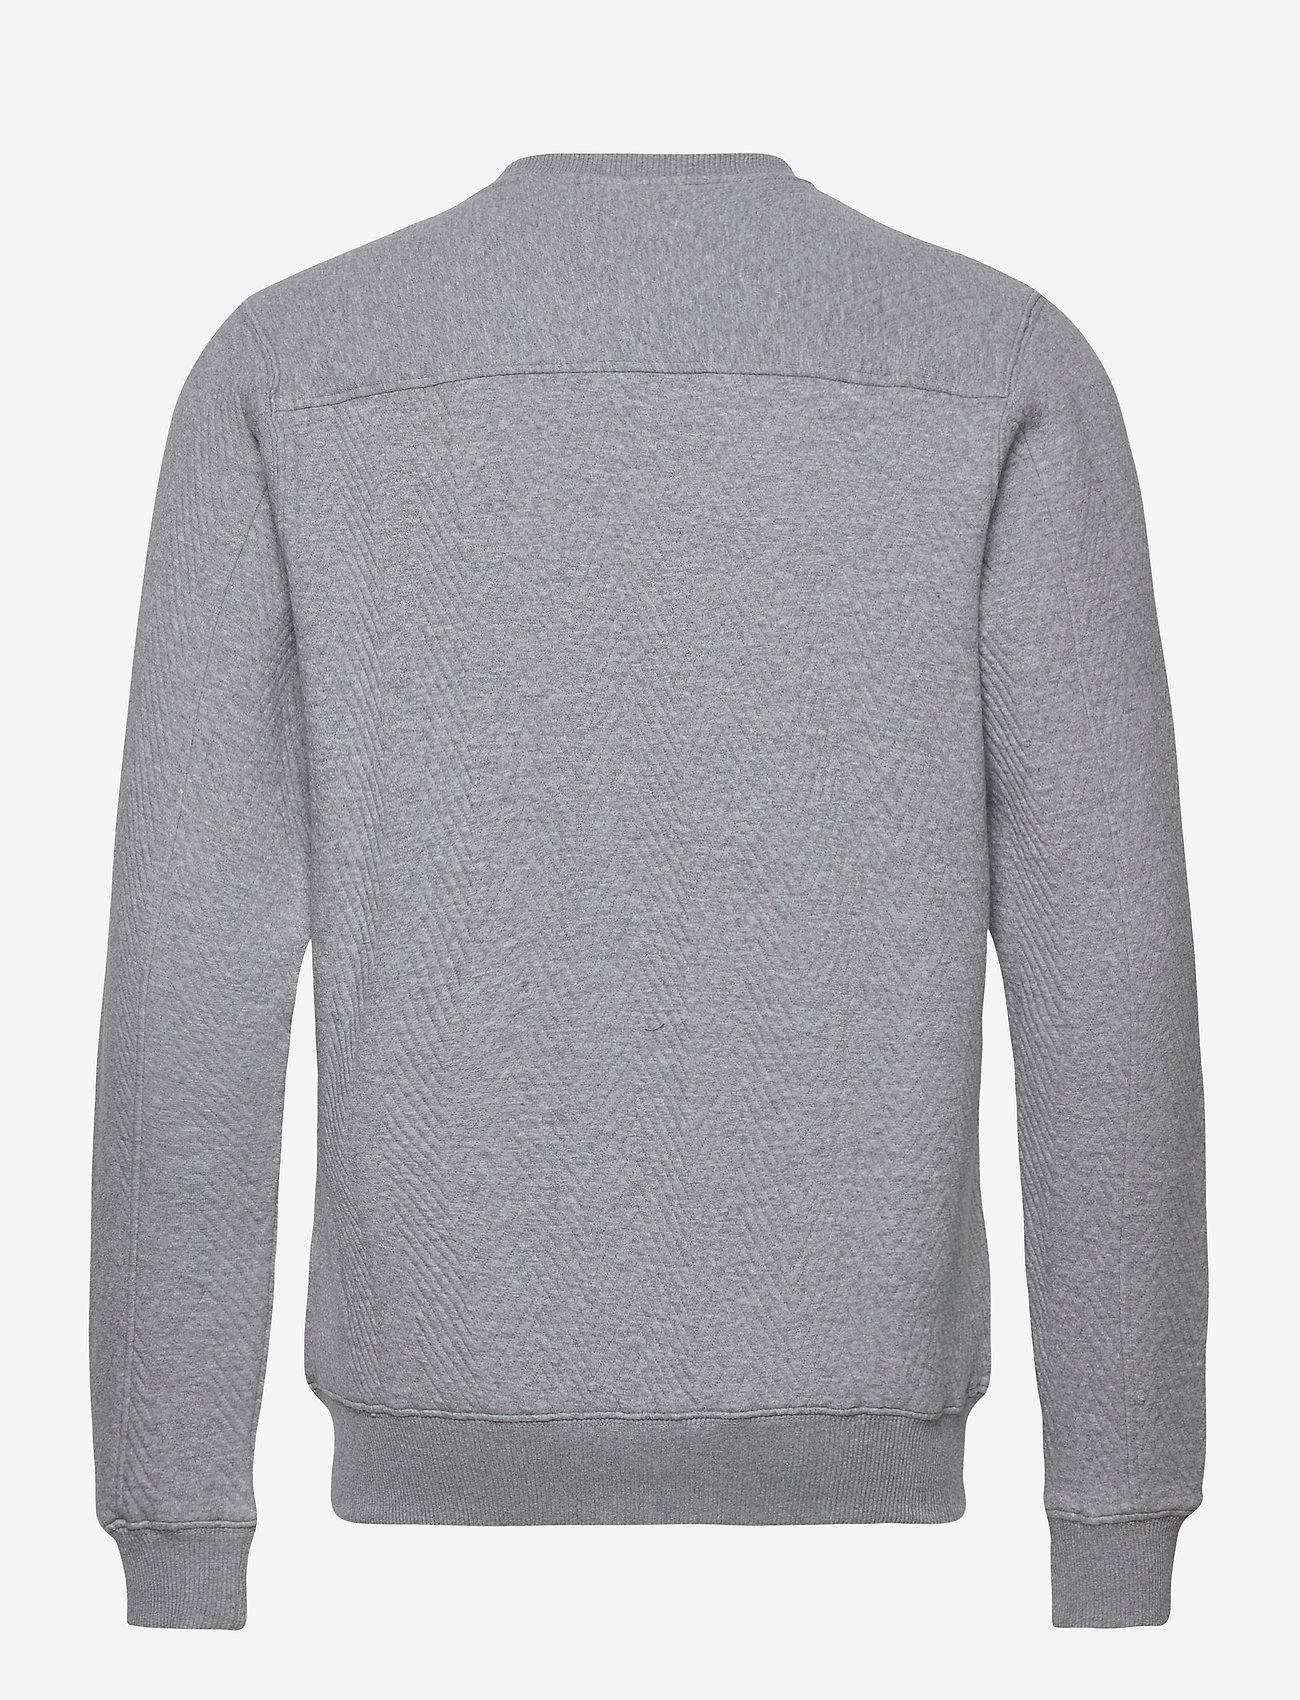 Knowledge Cotton Apparel ELM quilted cardigan - OCS/Vegan - Strikkevarer GREY MELANGE - Menn Klær